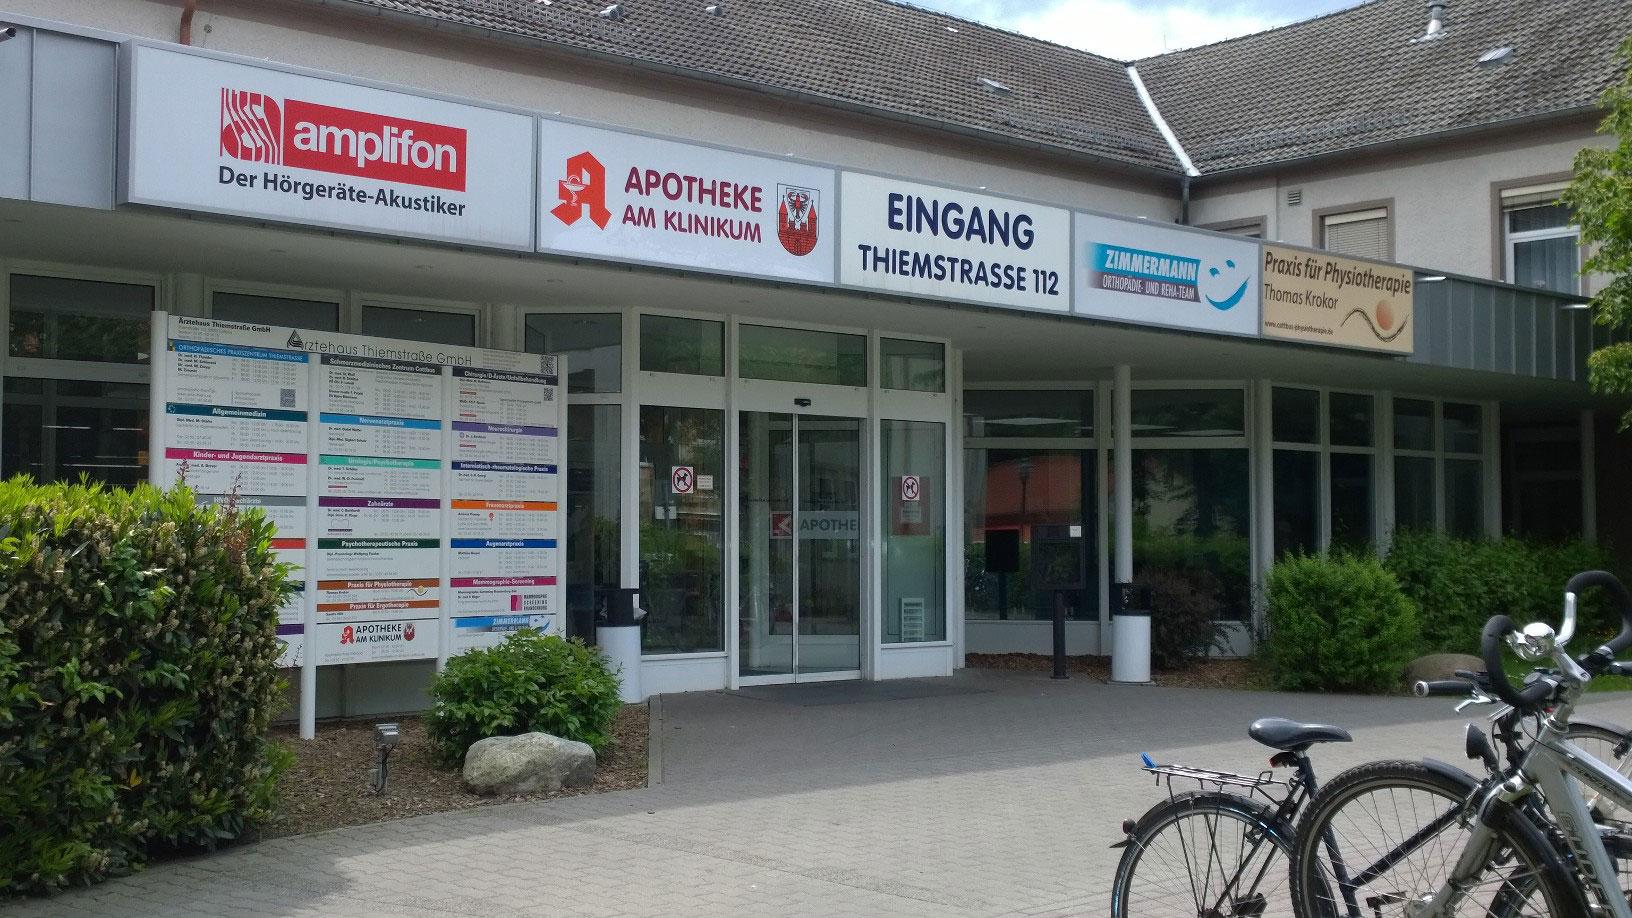 Anfahrt zur Apotheke Am Klinikum in Cottbus